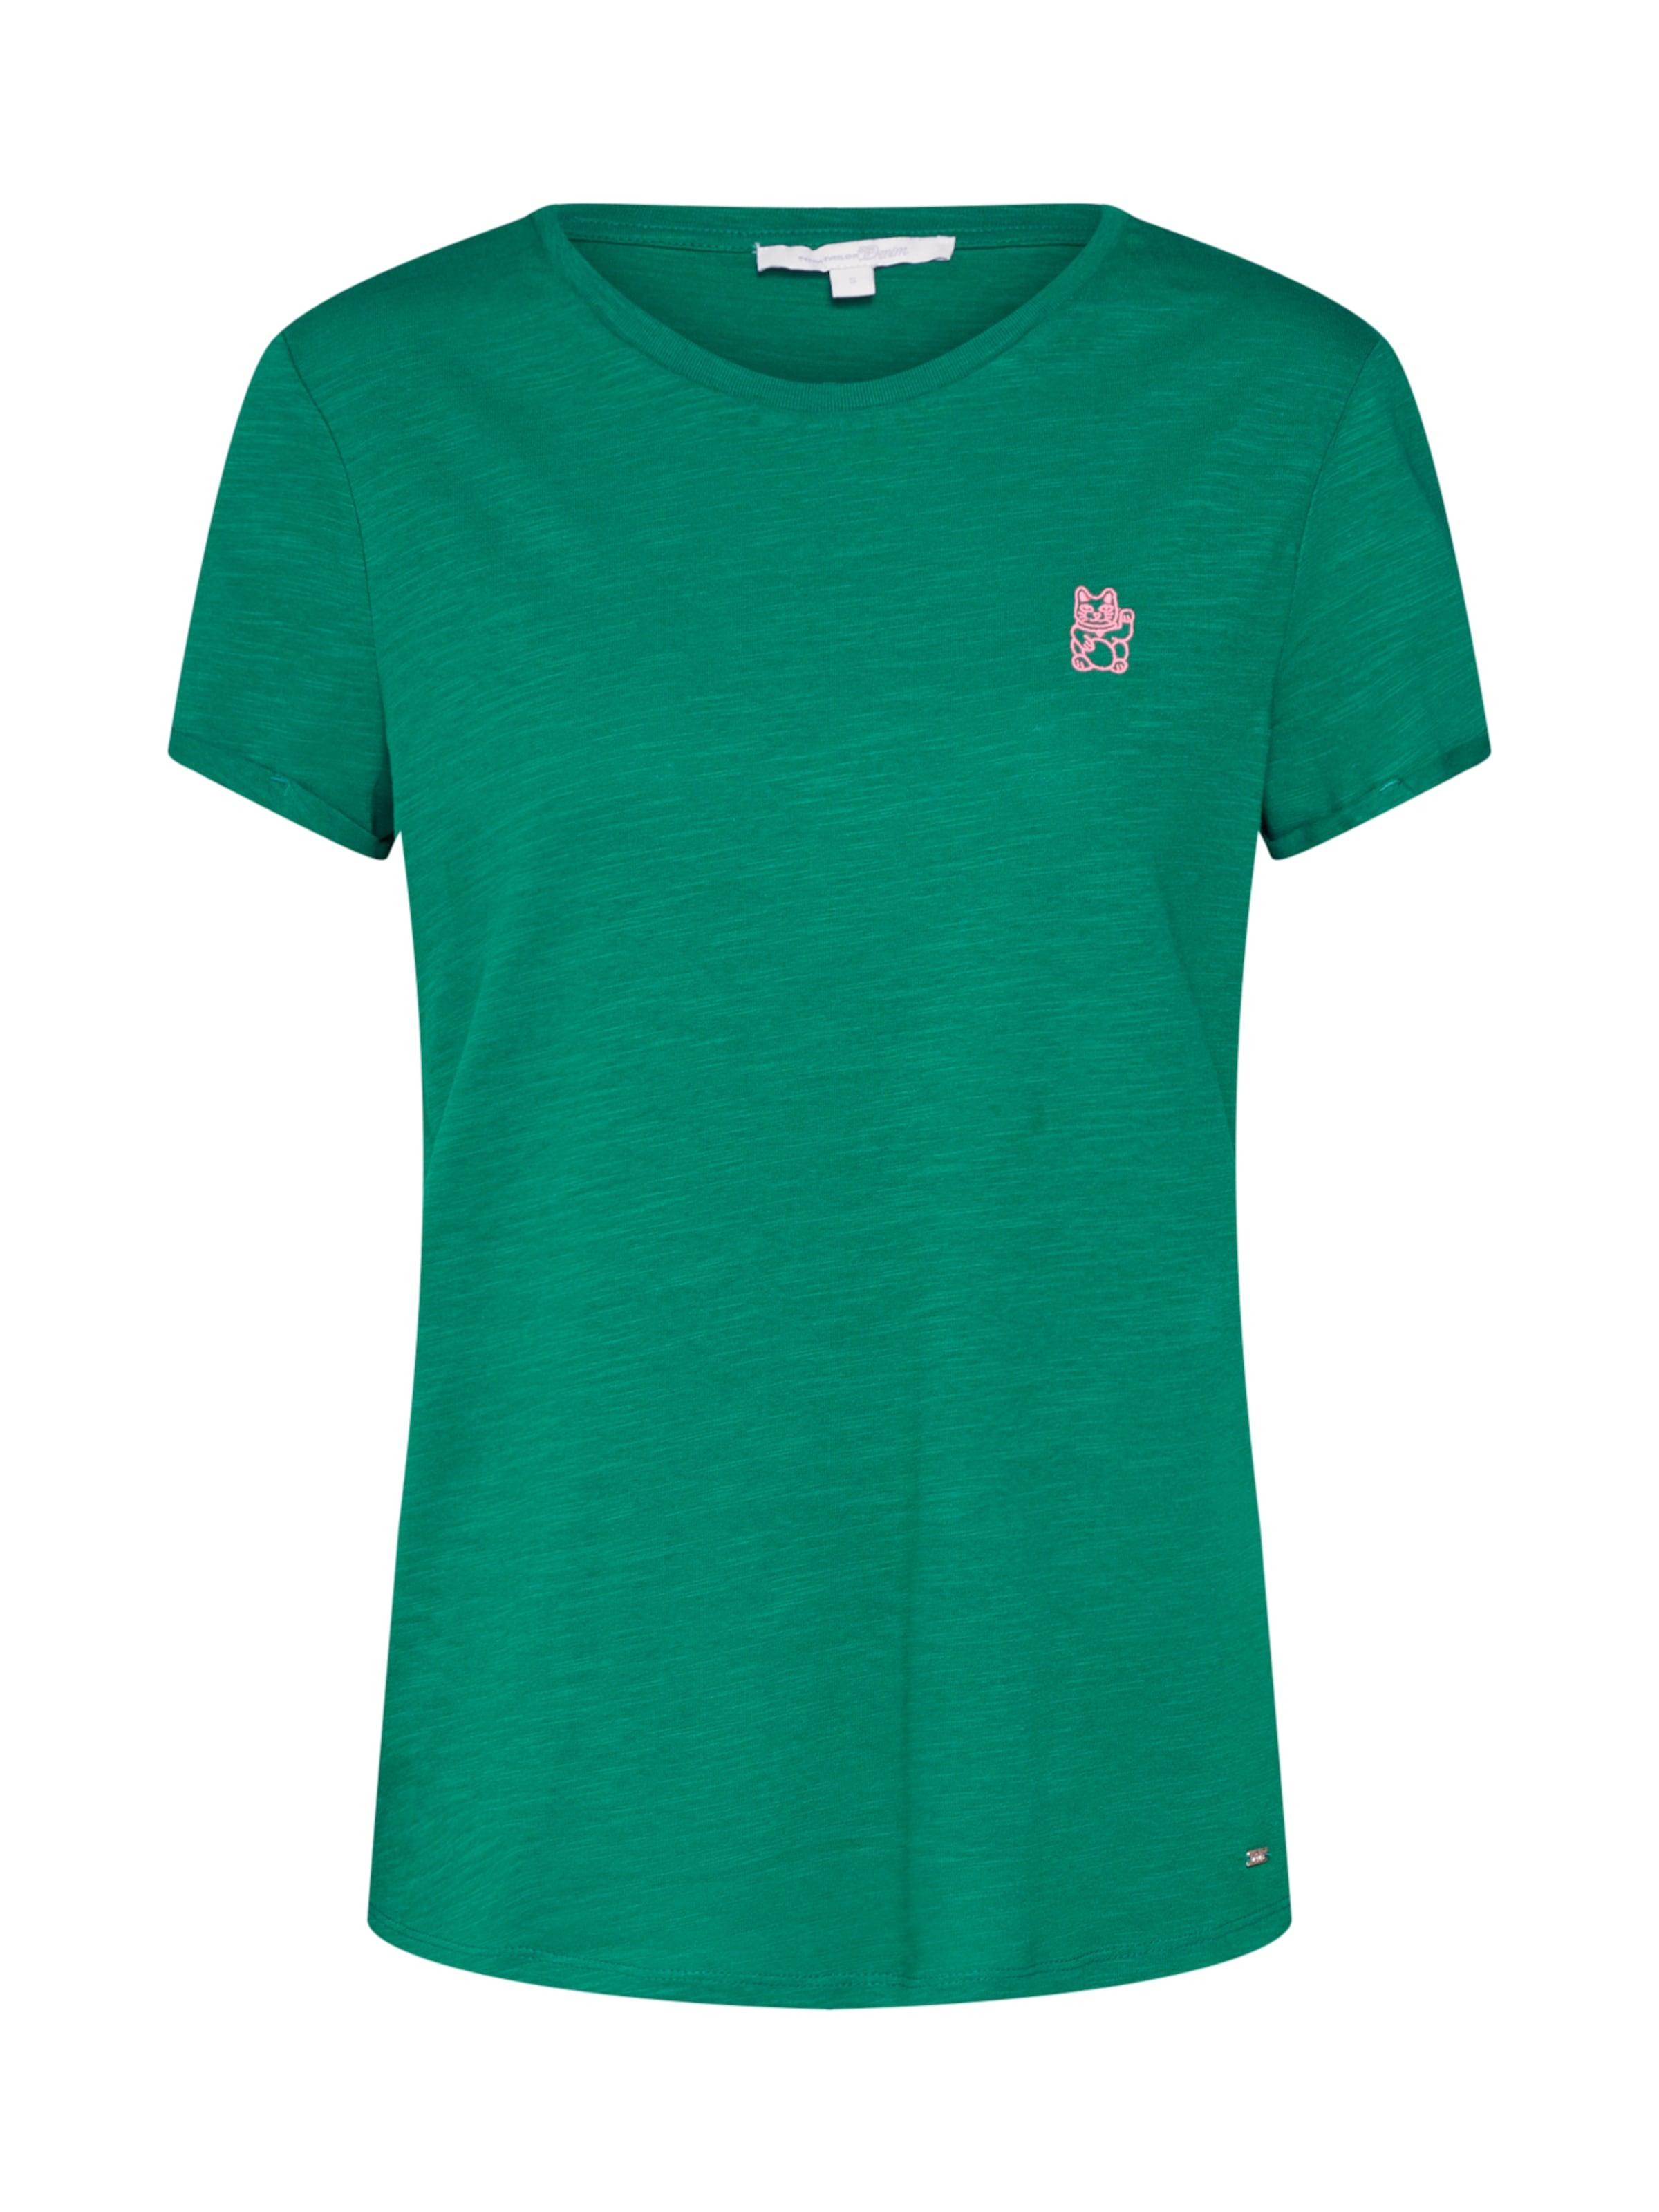 Tailor Tom Bleu Denim En shirt T Foncé ZOwPkTXiul